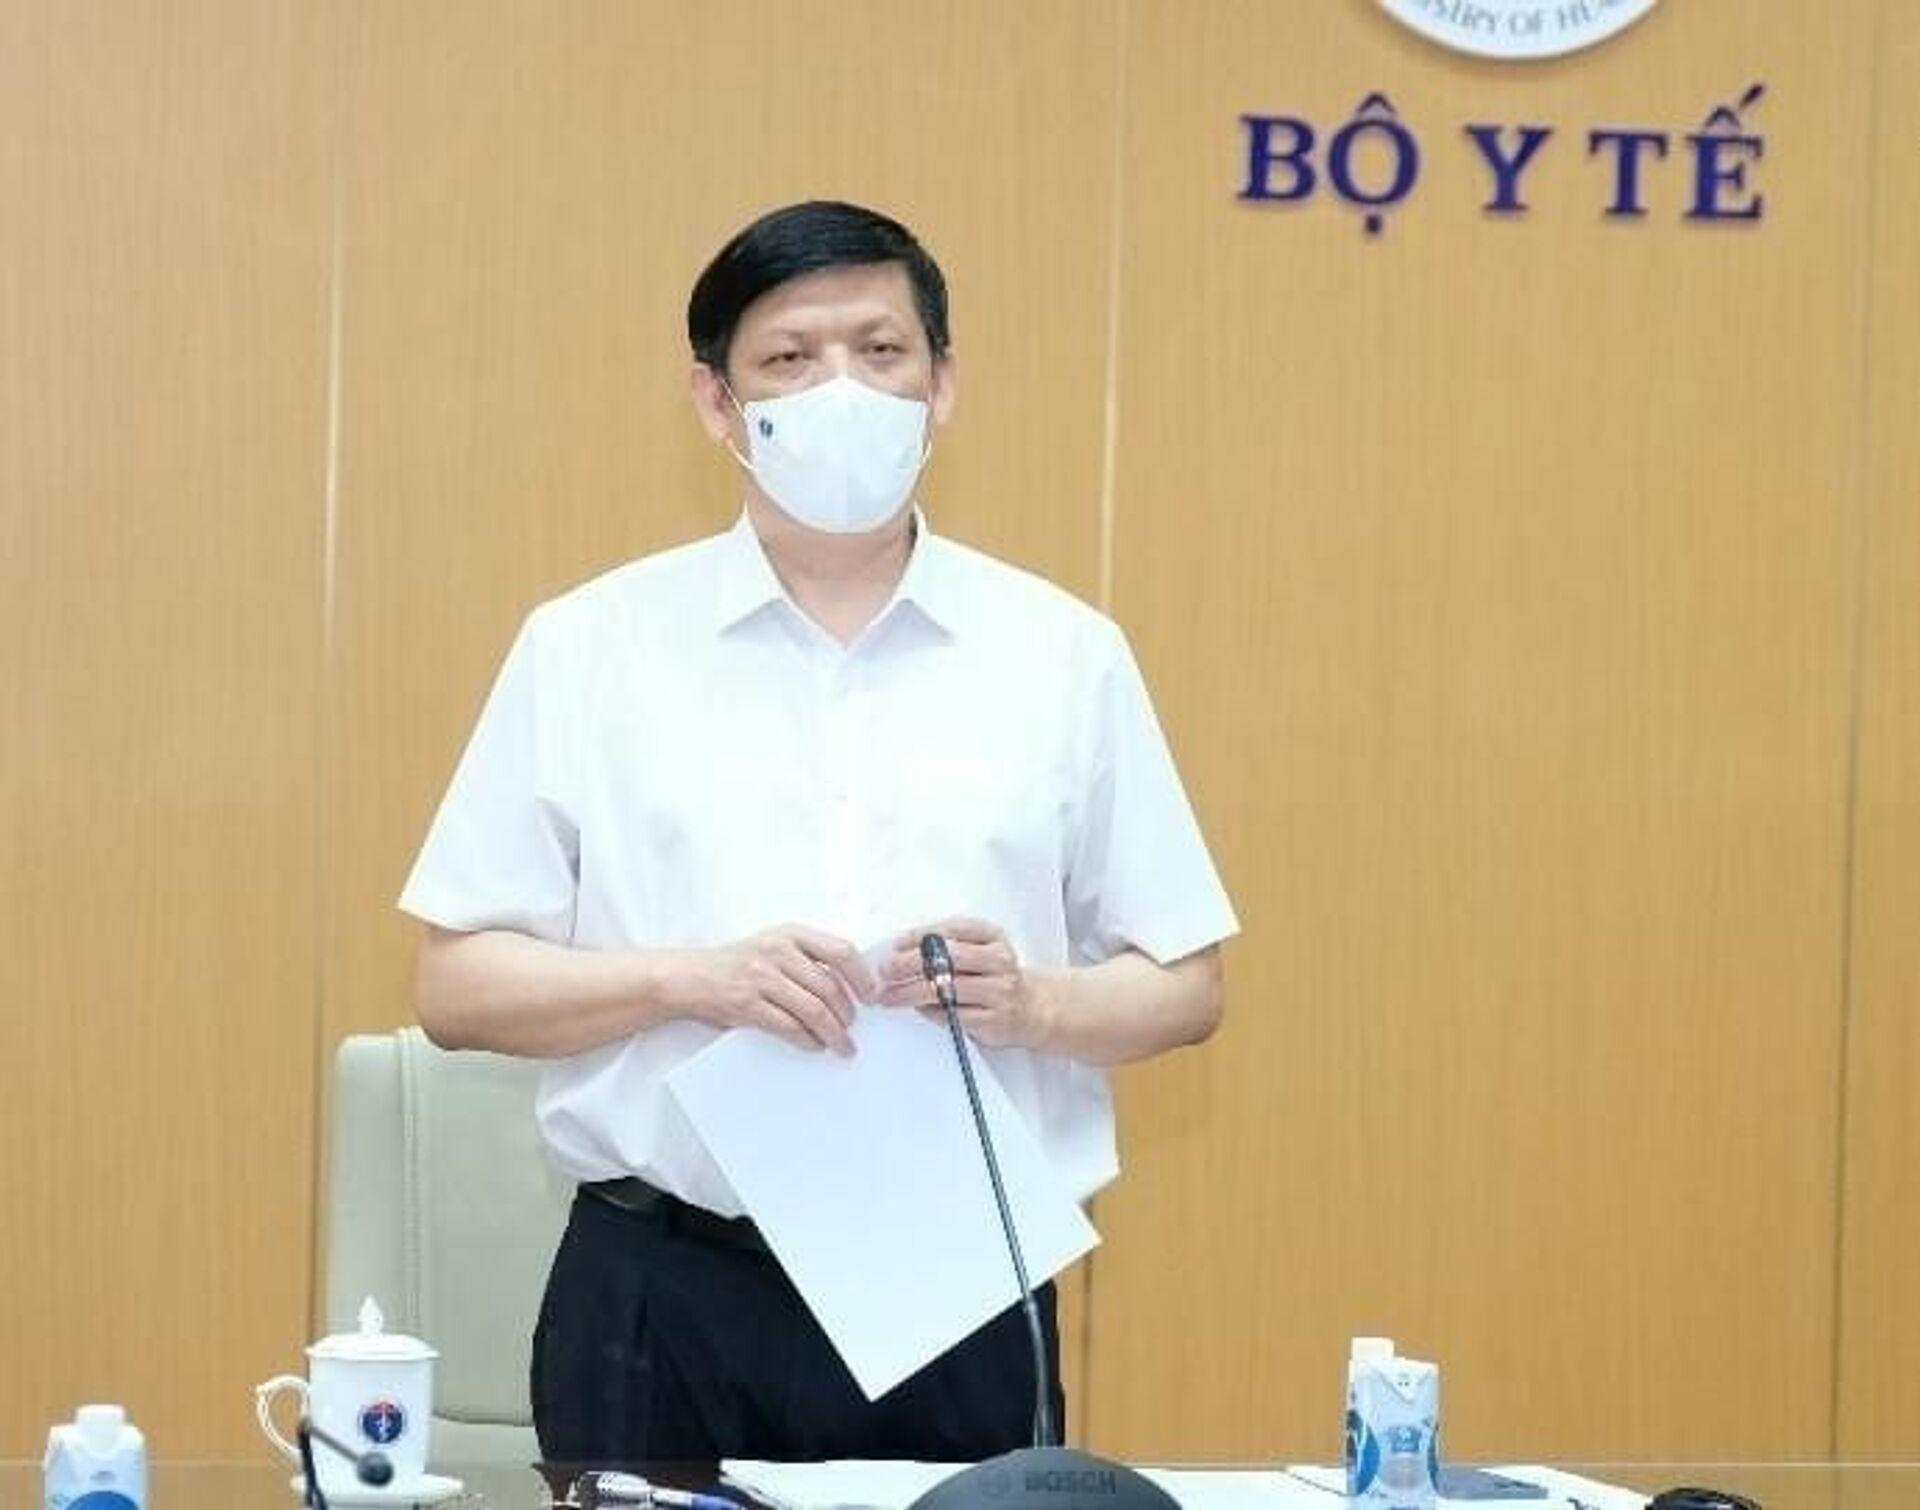 Khi nào Việt Nam mới bắt đầu tiêm chủng đại trà vaccine ngừa Covid-19? - Sputnik Việt Nam, 1920, 14.07.2021